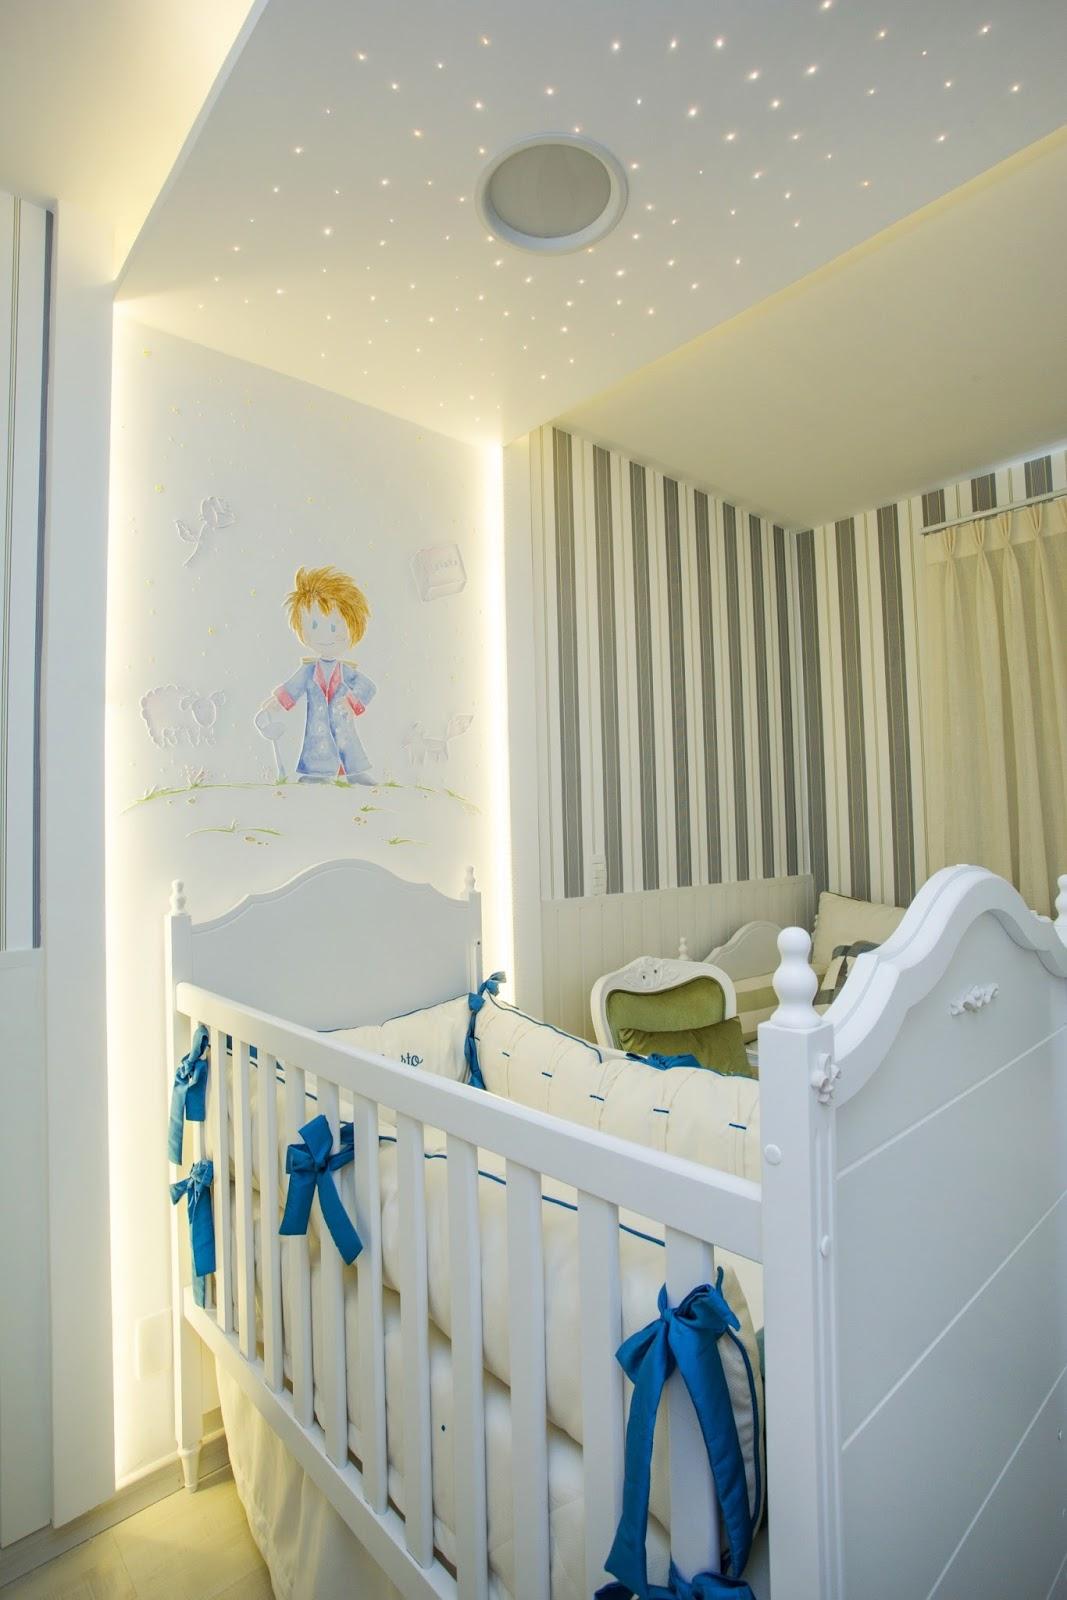 Quarto De Beb Com Fibra Tica Ilumina O Decorativa ~ Decoração De Quarto Com Luzes E Quarto Simples Para Bebe